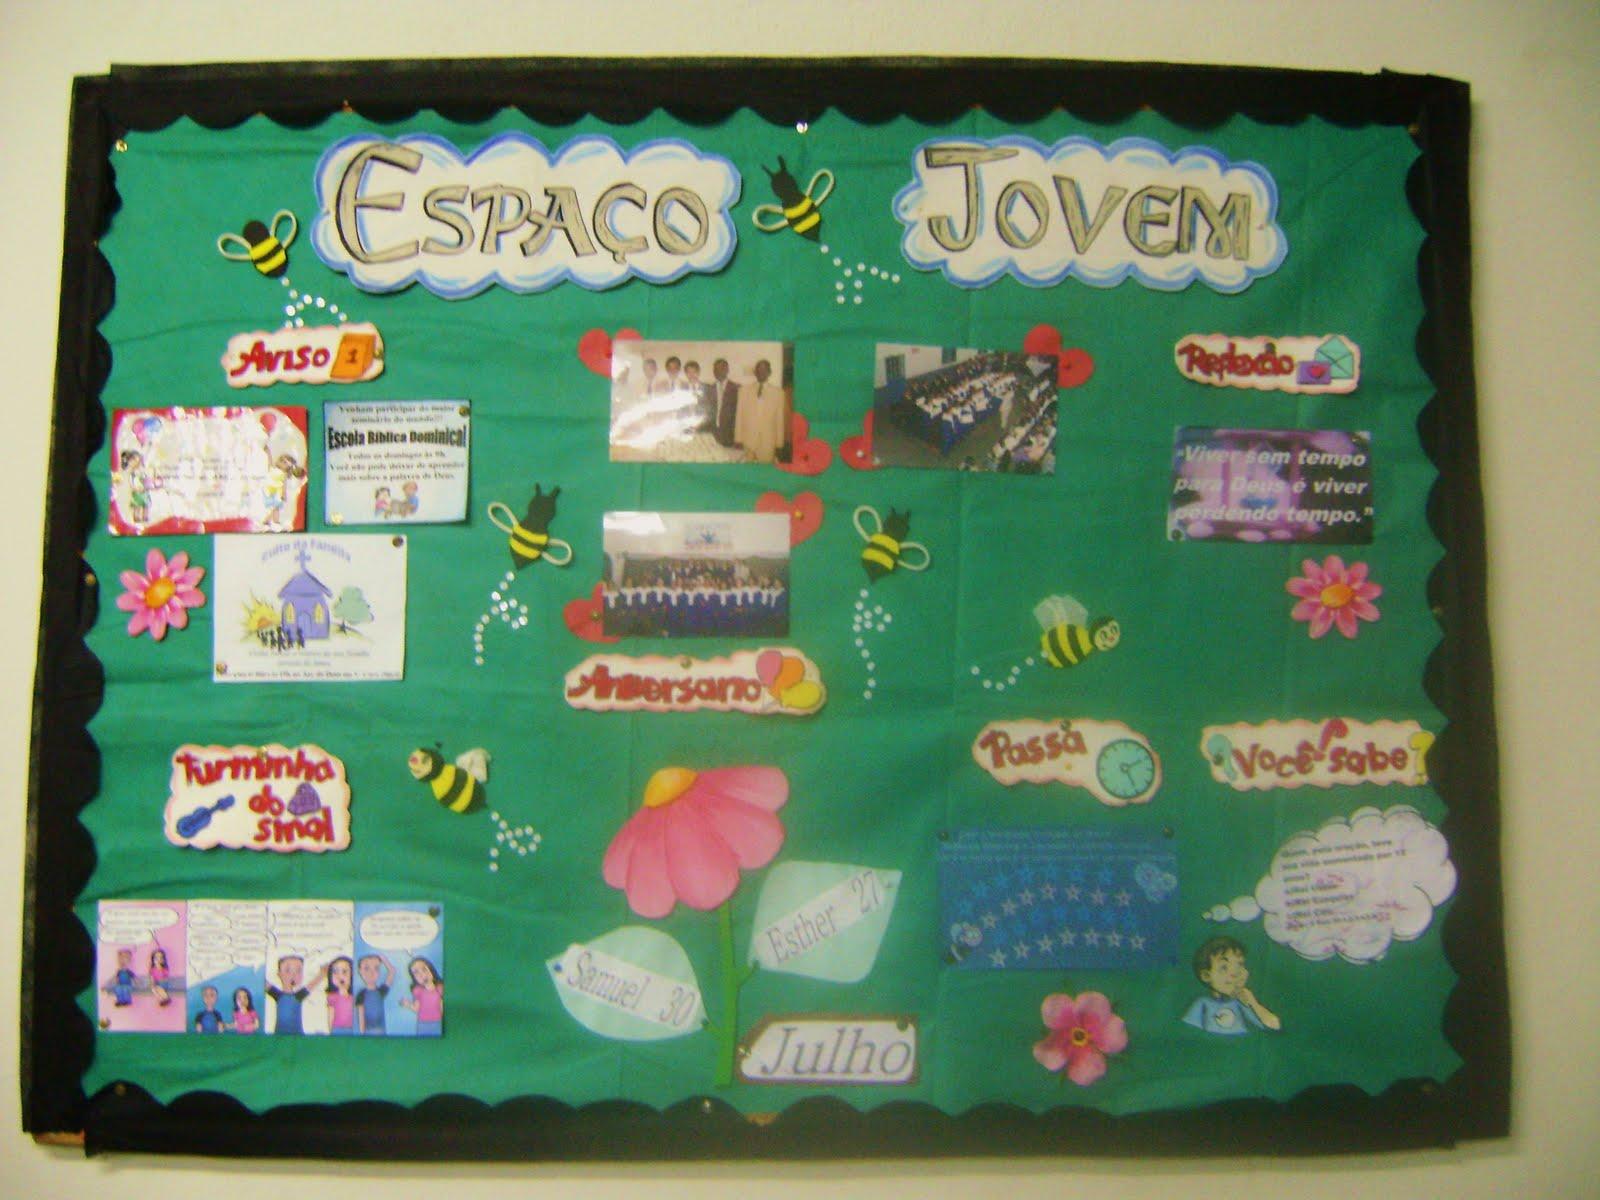 Turminha do sinal murais espa o jovem 2010 for Como colocar papel mural